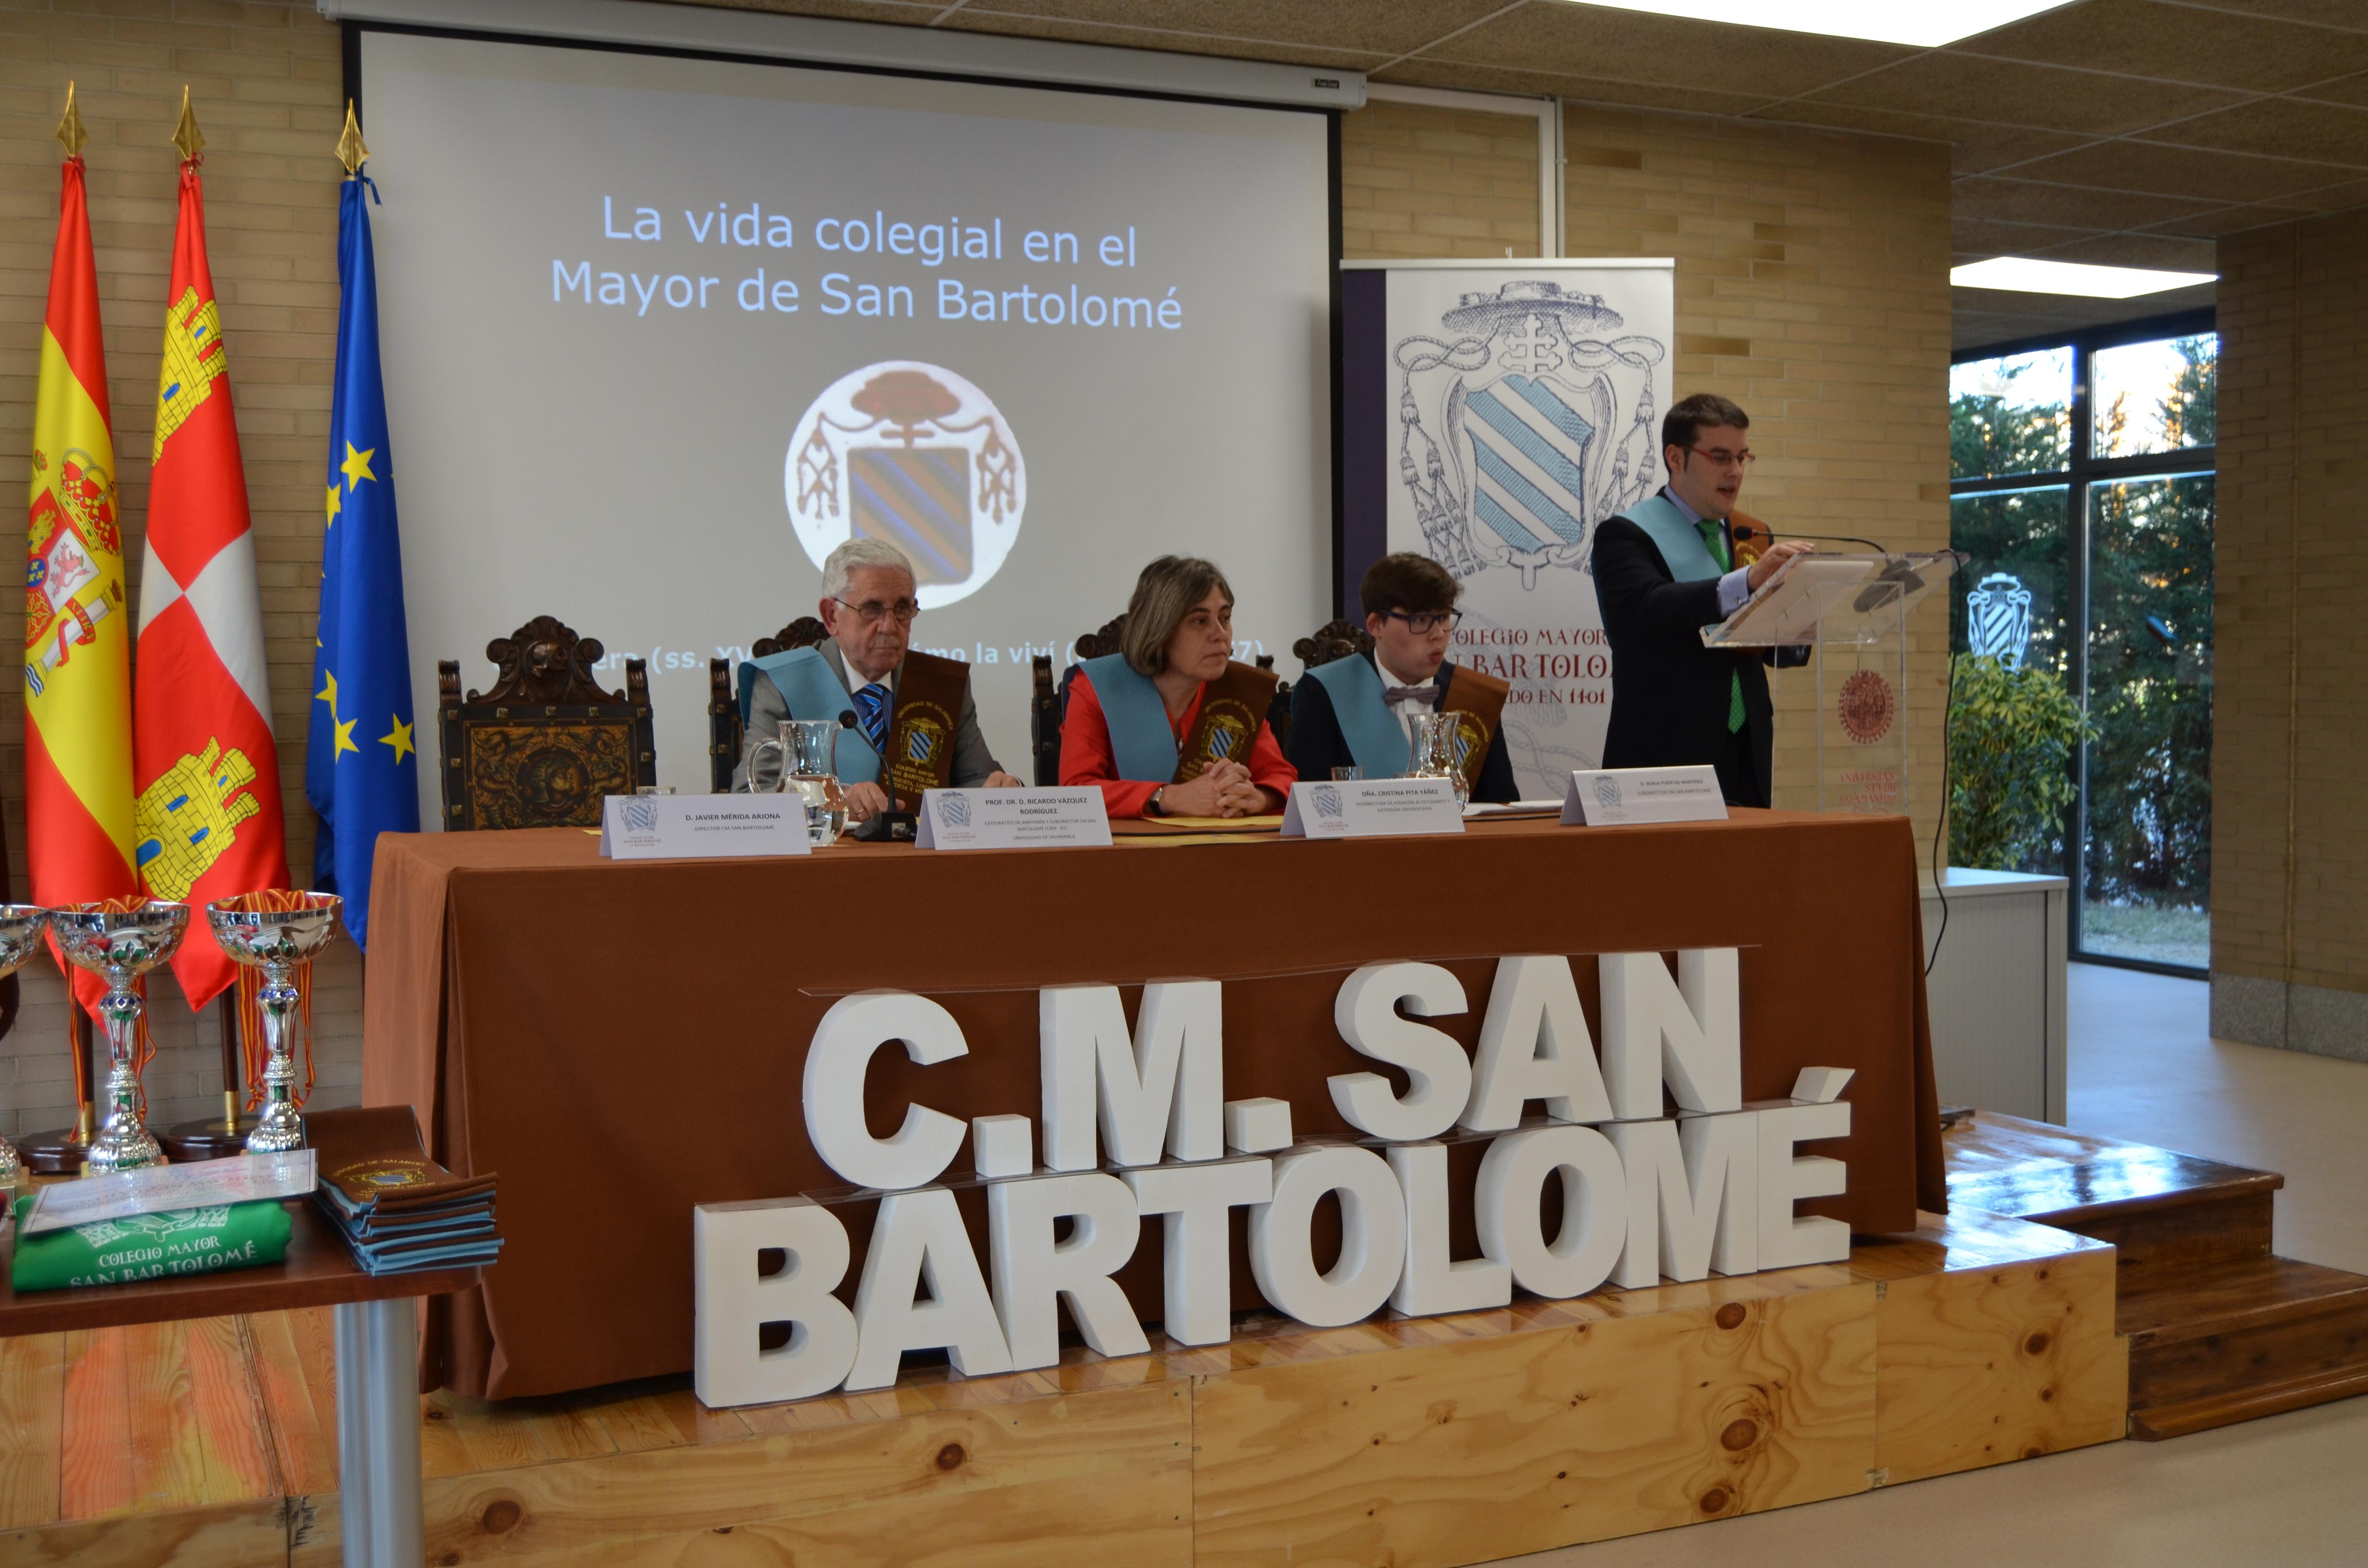 El Colegio Mayor San Bartolomé entrega su Insignia de Oro al exdecano de Medicina y antiguo subdirector del colegio Ricardo Vázquez